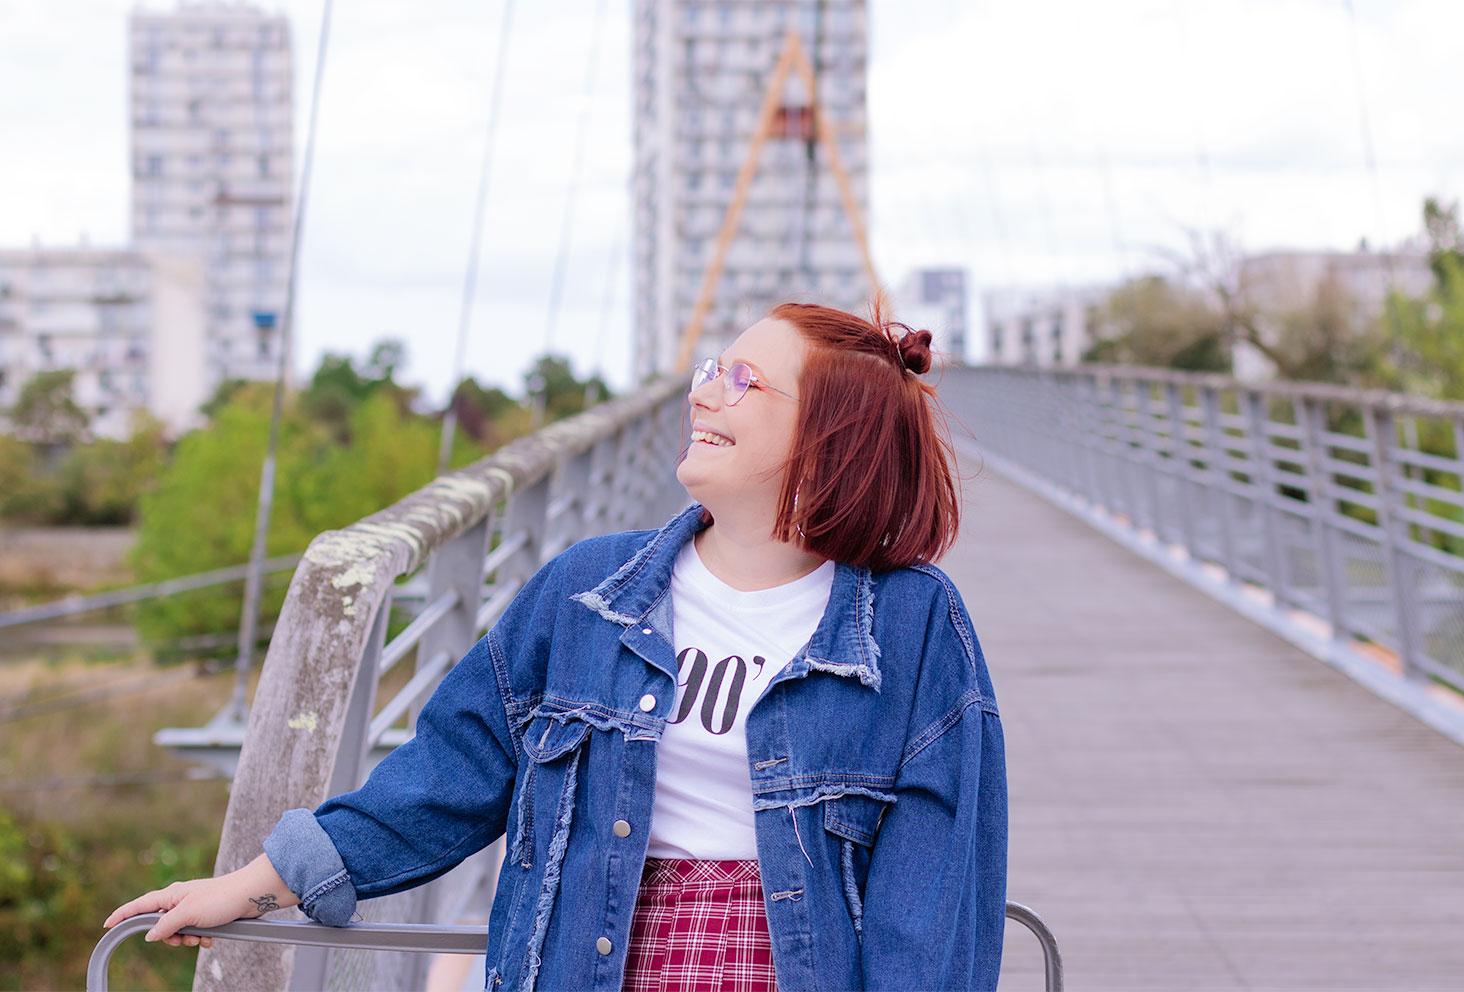 Avec le sourire de profil, zoom sur les chignons sur la tête et la veste en jean bleue oversize, appuyée le long d'une barrière en métal